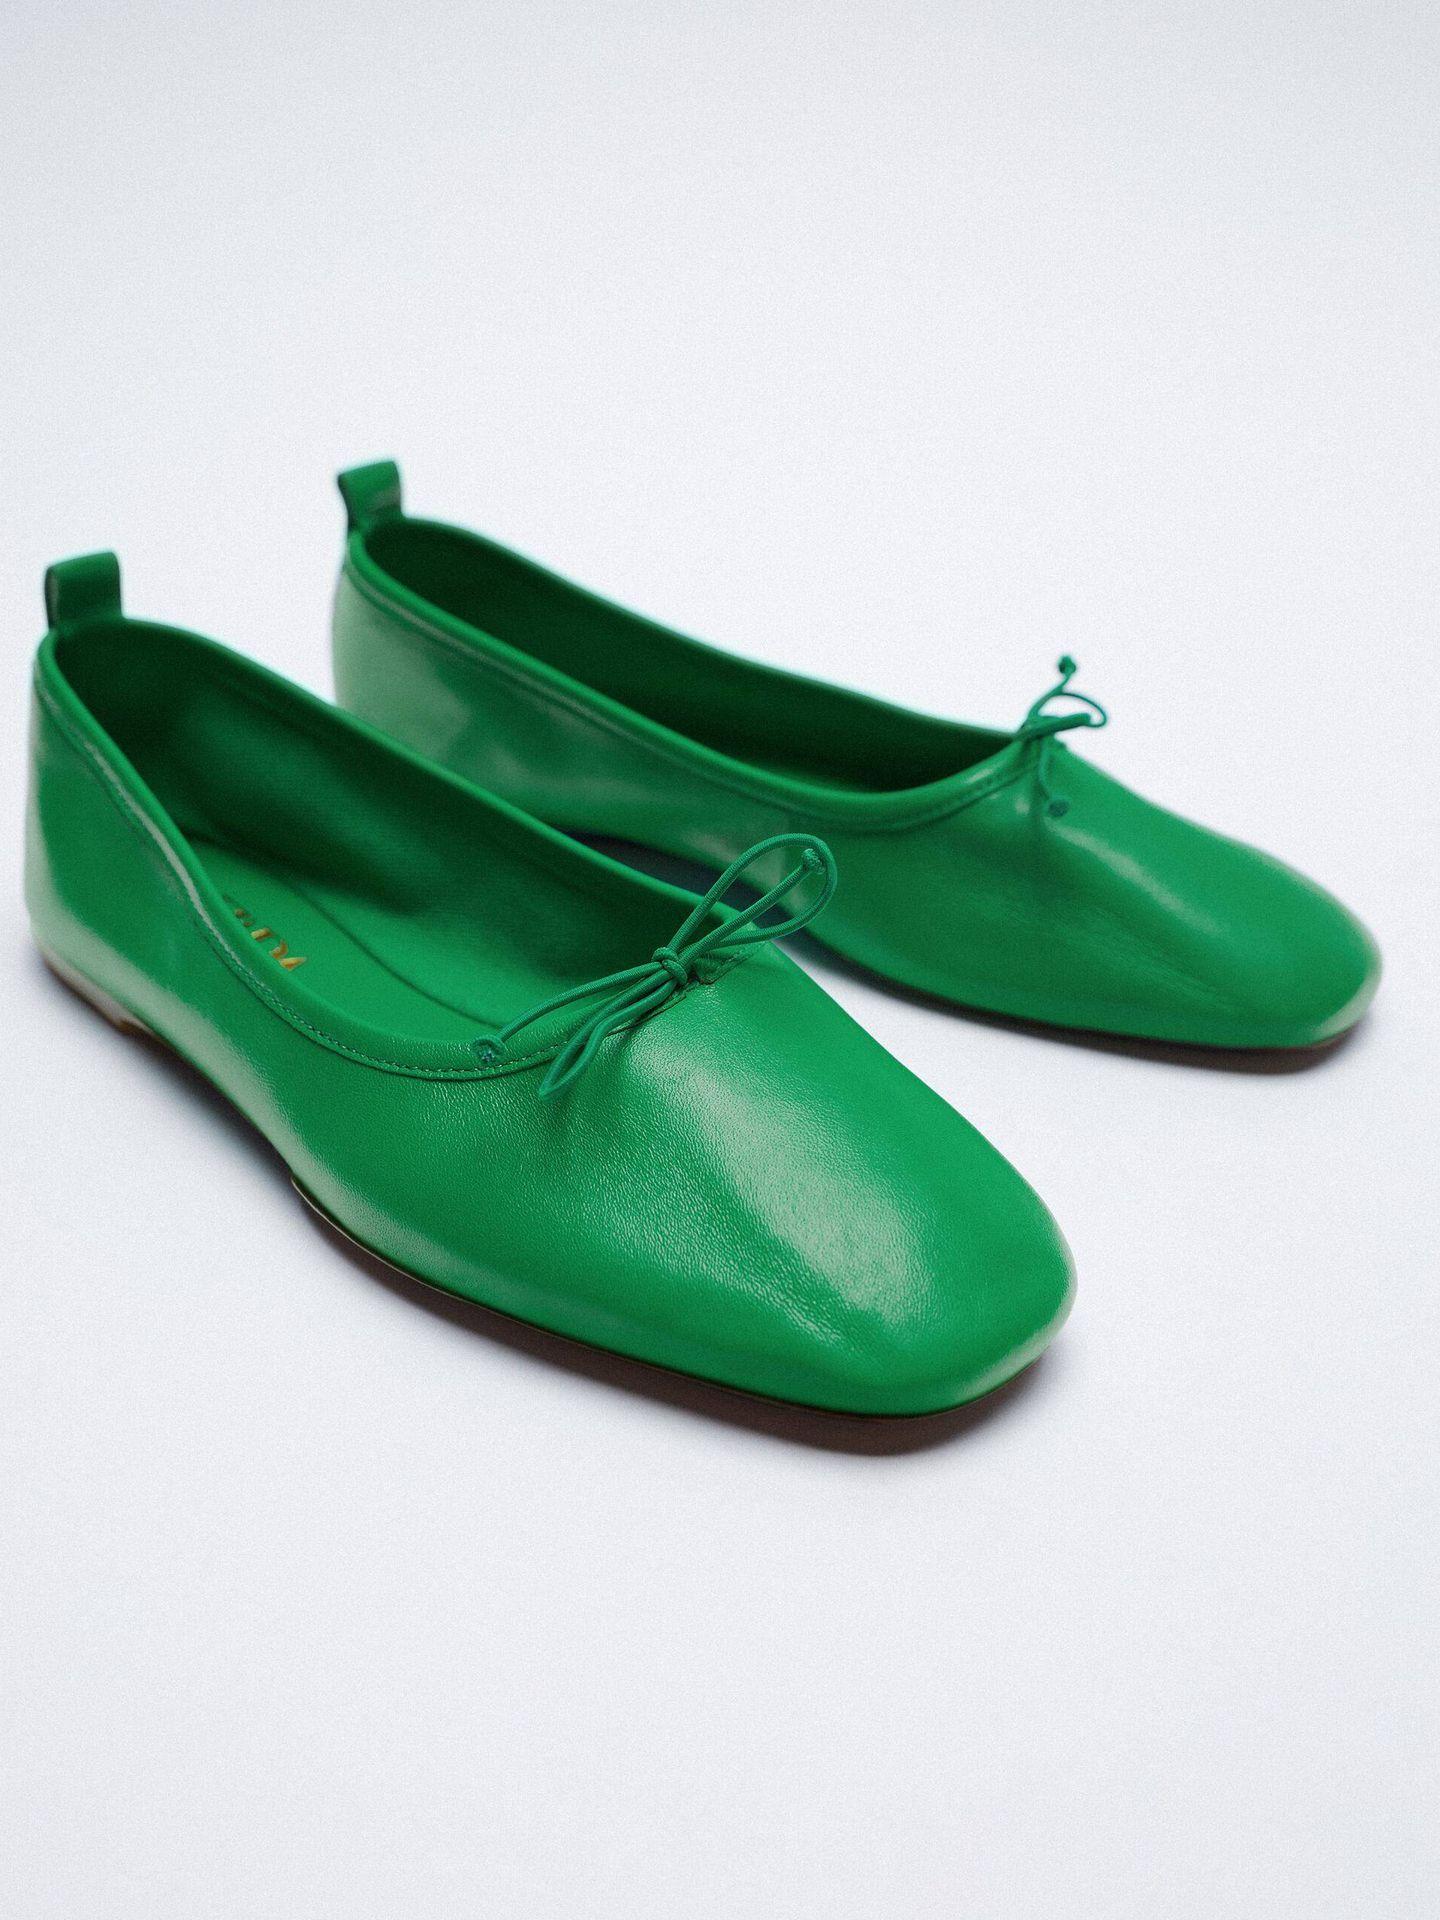 Bailarinas verde neón de Zara. (Cortesía)